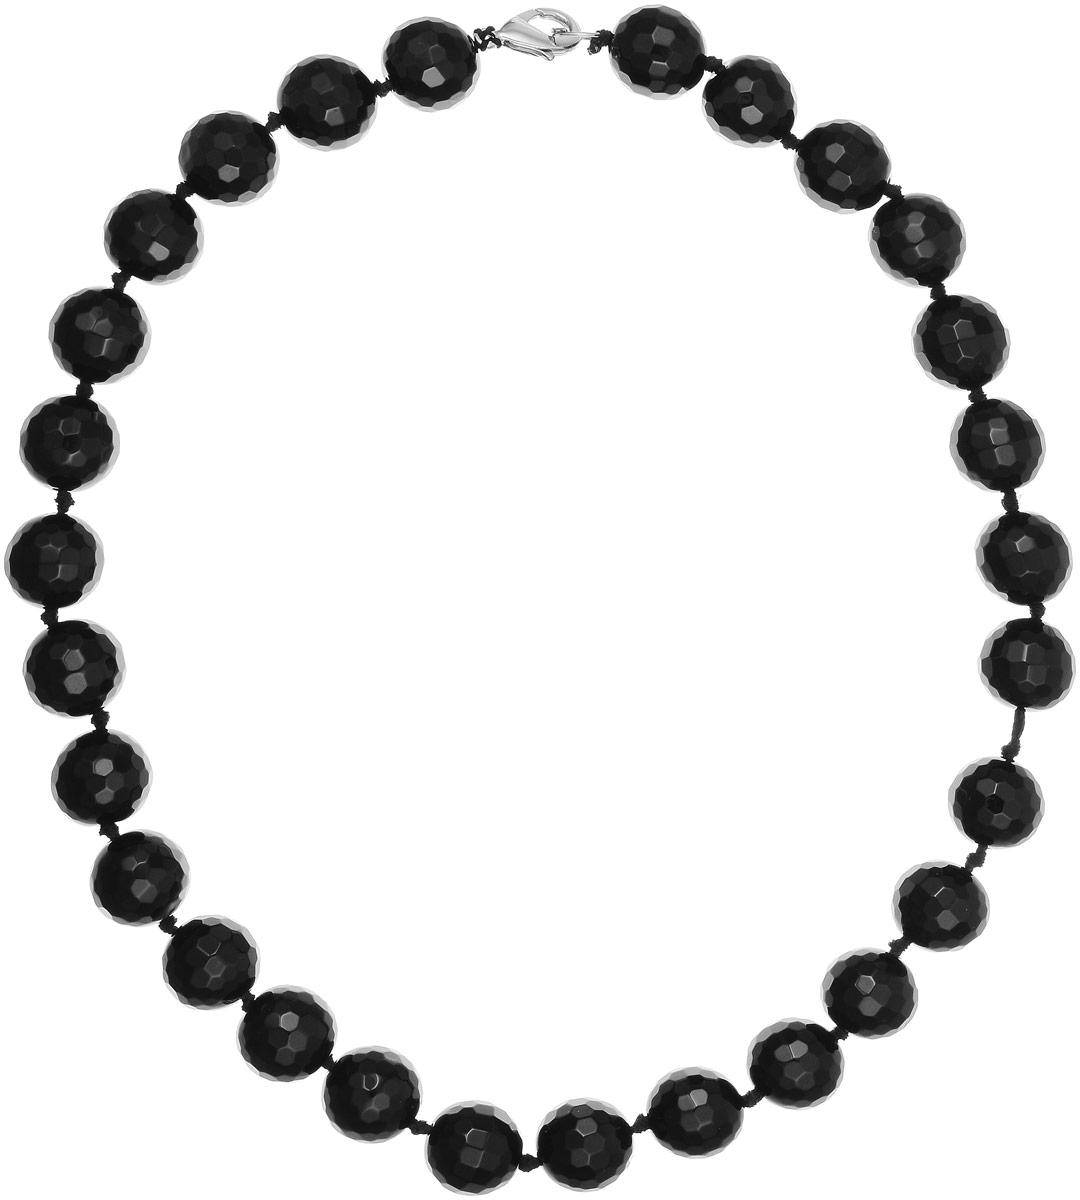 Бусы Art-Silver, цвет: черный, длина 50 см. ЧГ16-50-891ЧГ16-50-891Бусы Art-Silver изготовлены из агата. Изделие оформлено круглыми рельефными бусинами и застегивается на замок-карабин из бижутерного сплава.